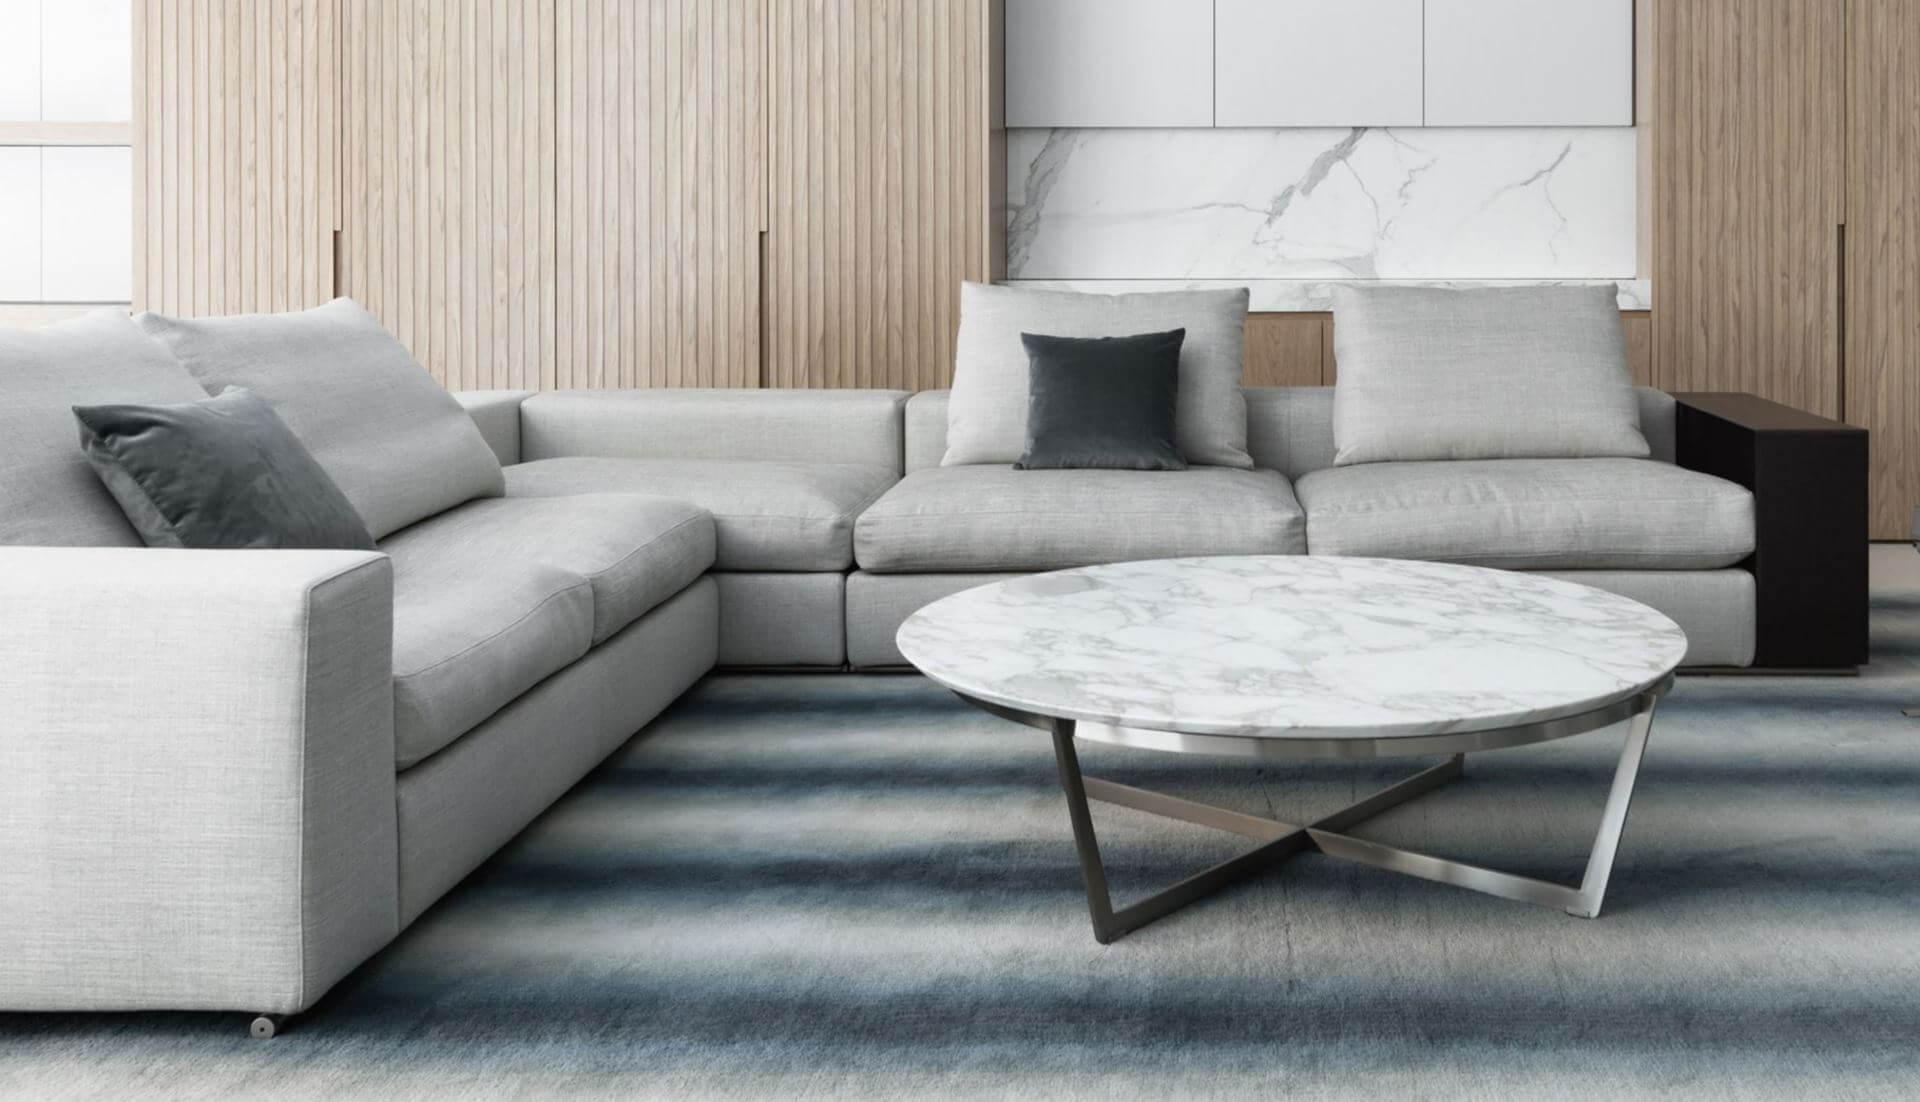 Flexform Groundpiece Modular Sofa – Dream Design Interiors Ltd With Dream Navy 2 Piece Modular Sofas (View 4 of 15)